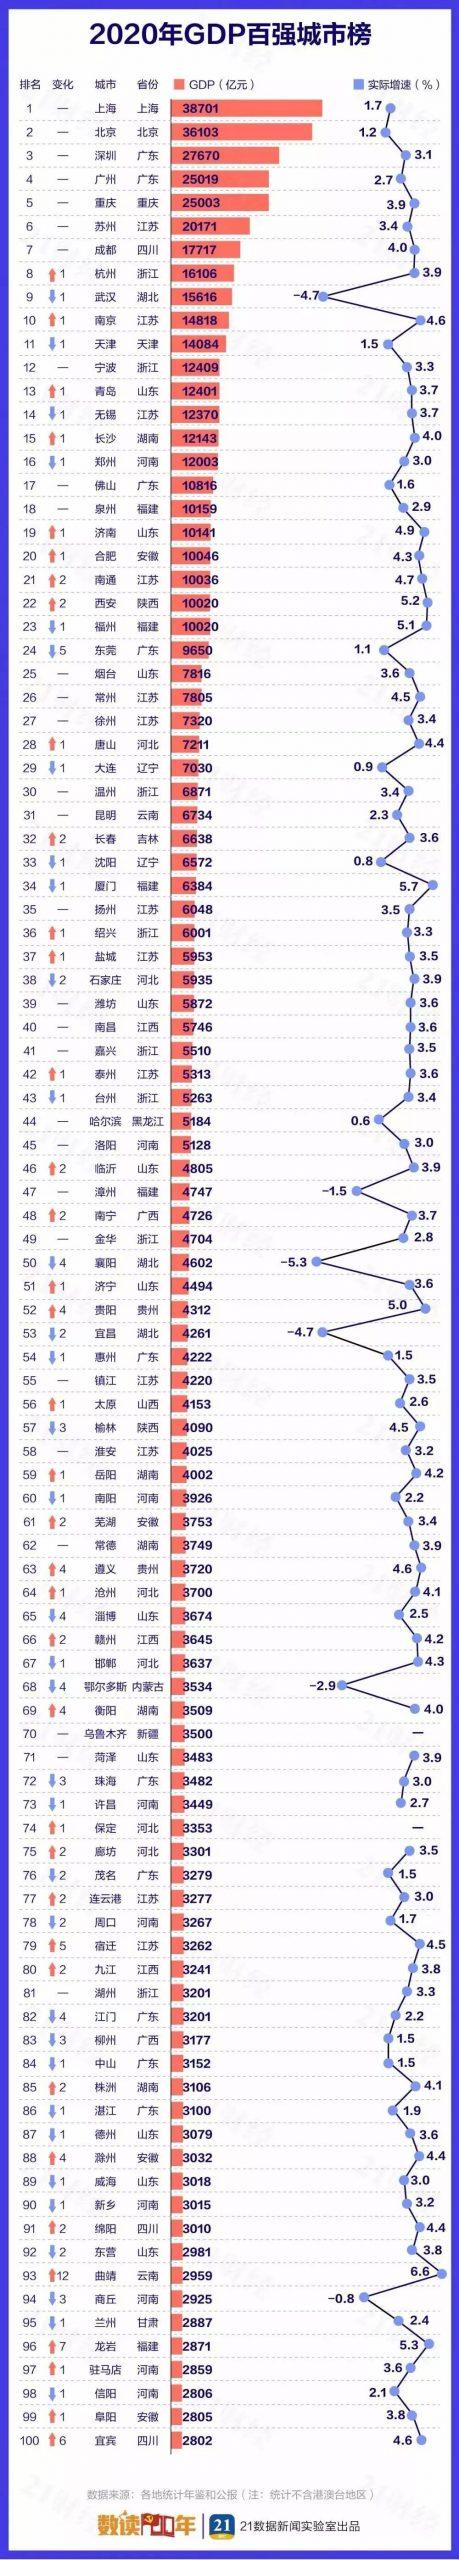 2020年中国城市GDP百强榜 上海北京深圳广州排前四